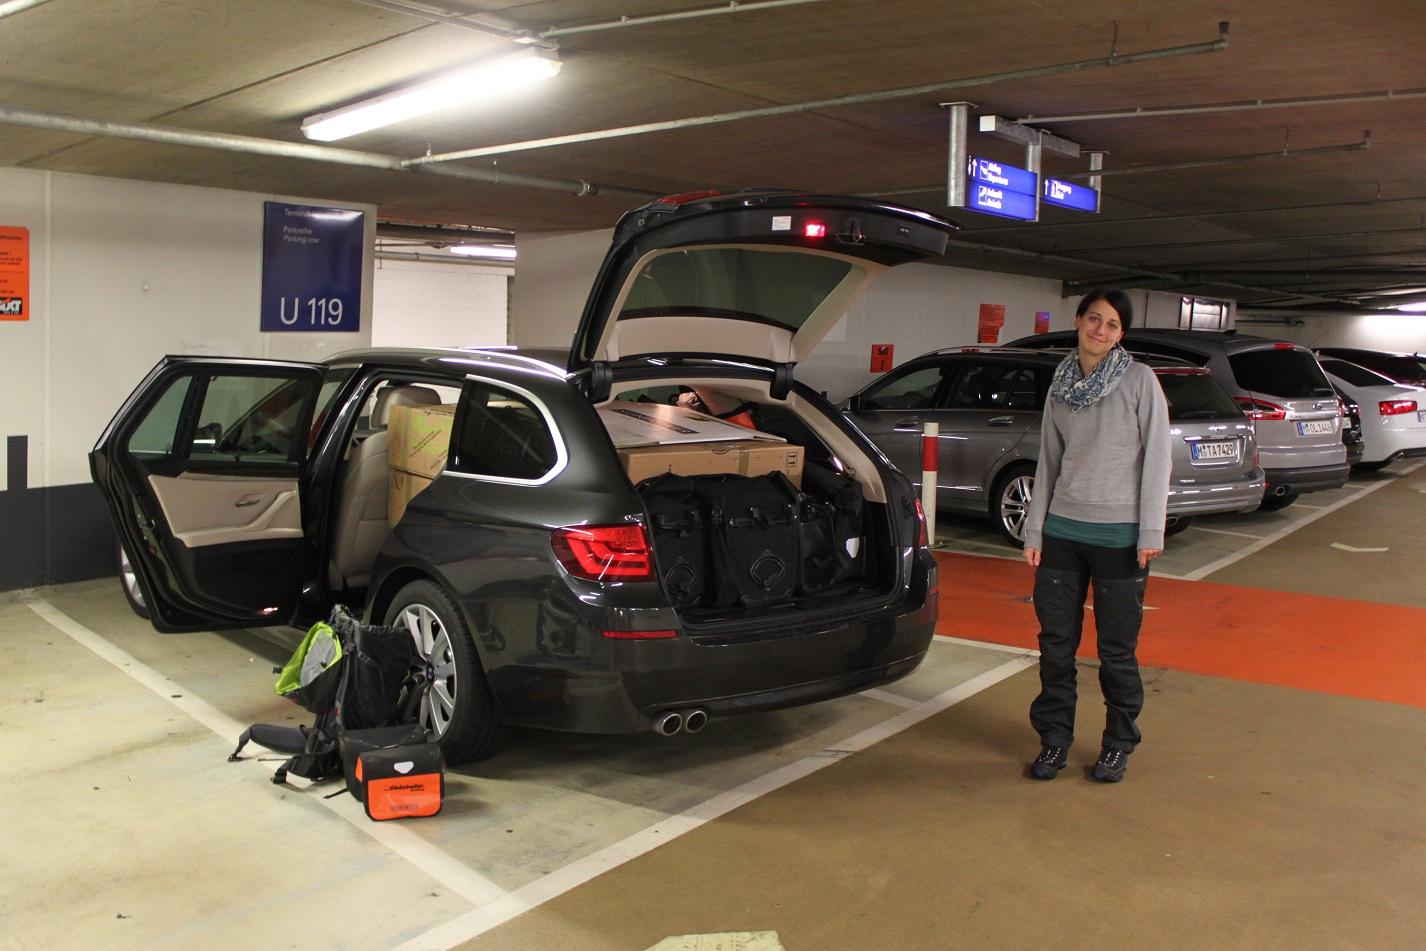 Parkhaus Flughafen